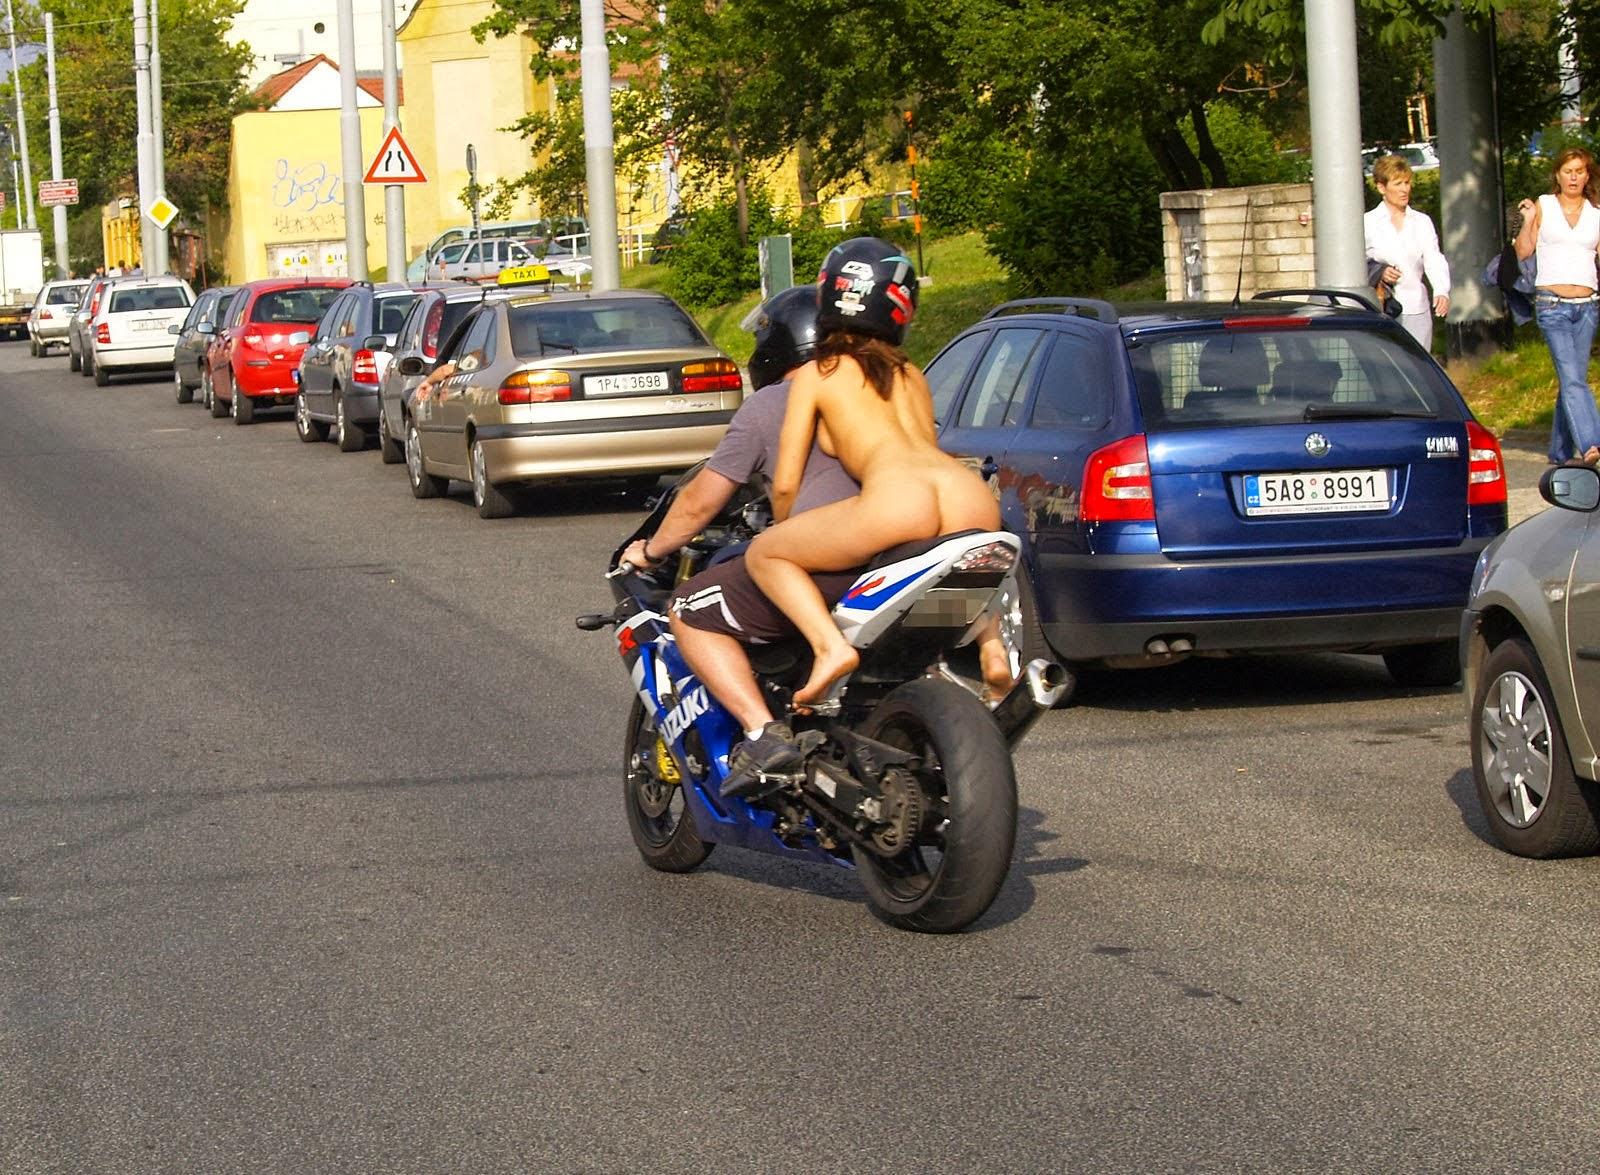 Эротика на дорогах в ютубе 5 фотография